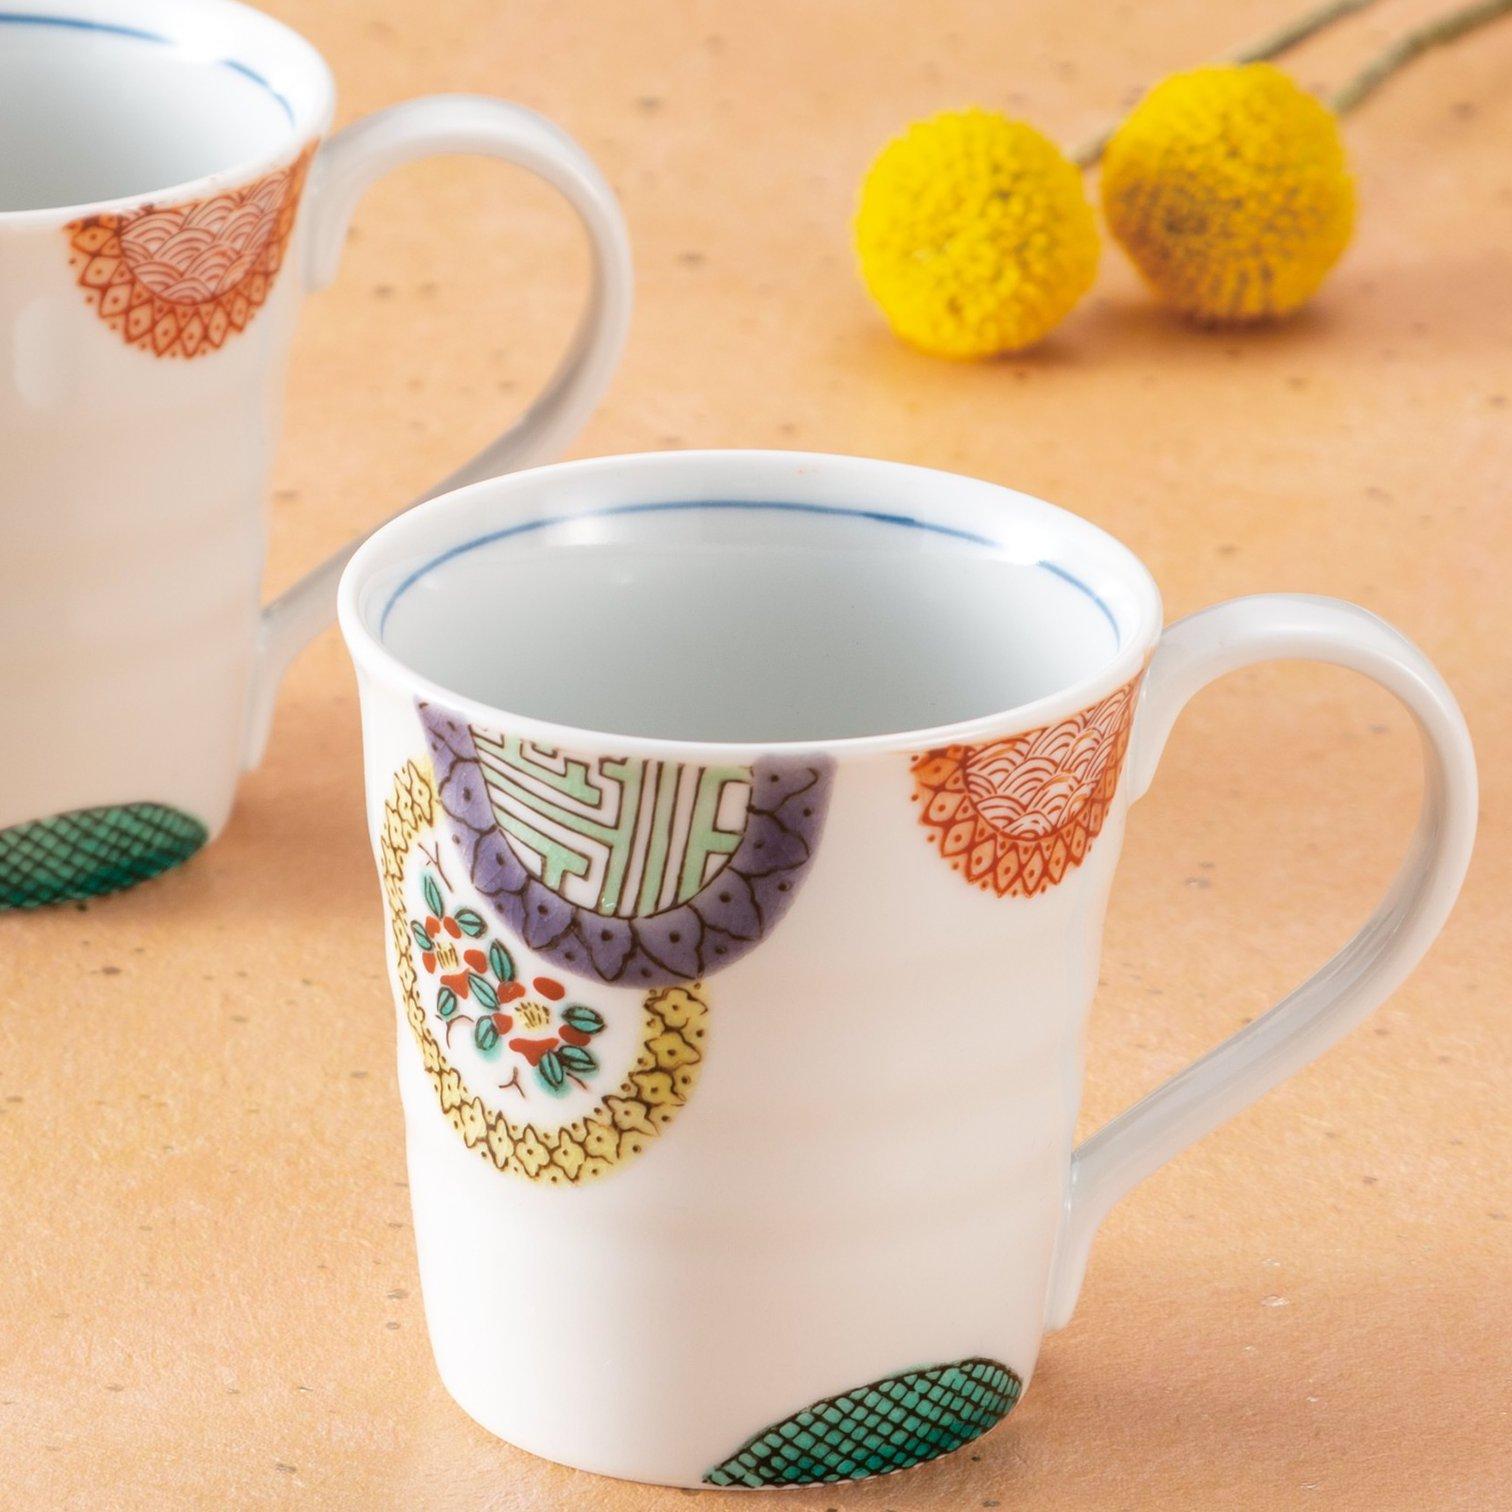 九谷焼ギフト ご贈答品 御祝い 九谷焼ペアマグカップ 色絵丸紋